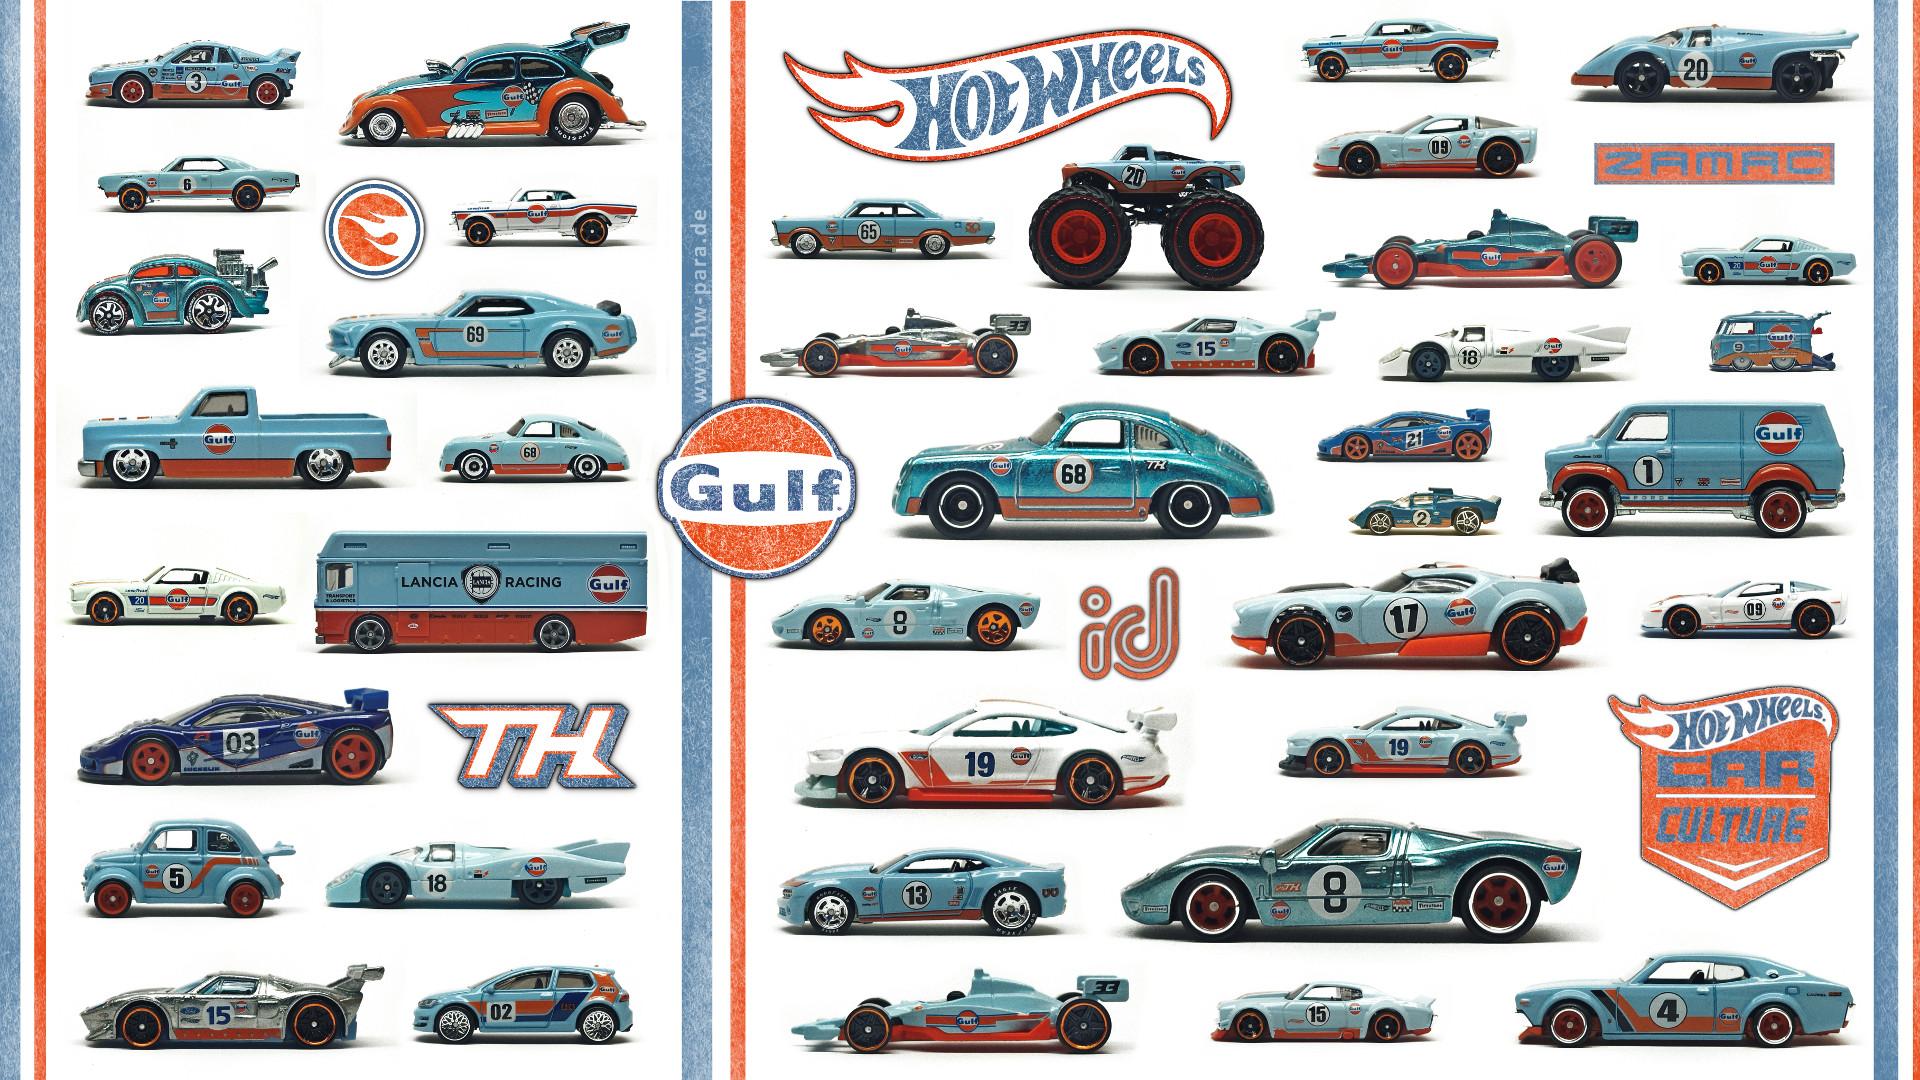 Hot Wheels Gulf Collection Wallpaper 1920*1080 FullHD